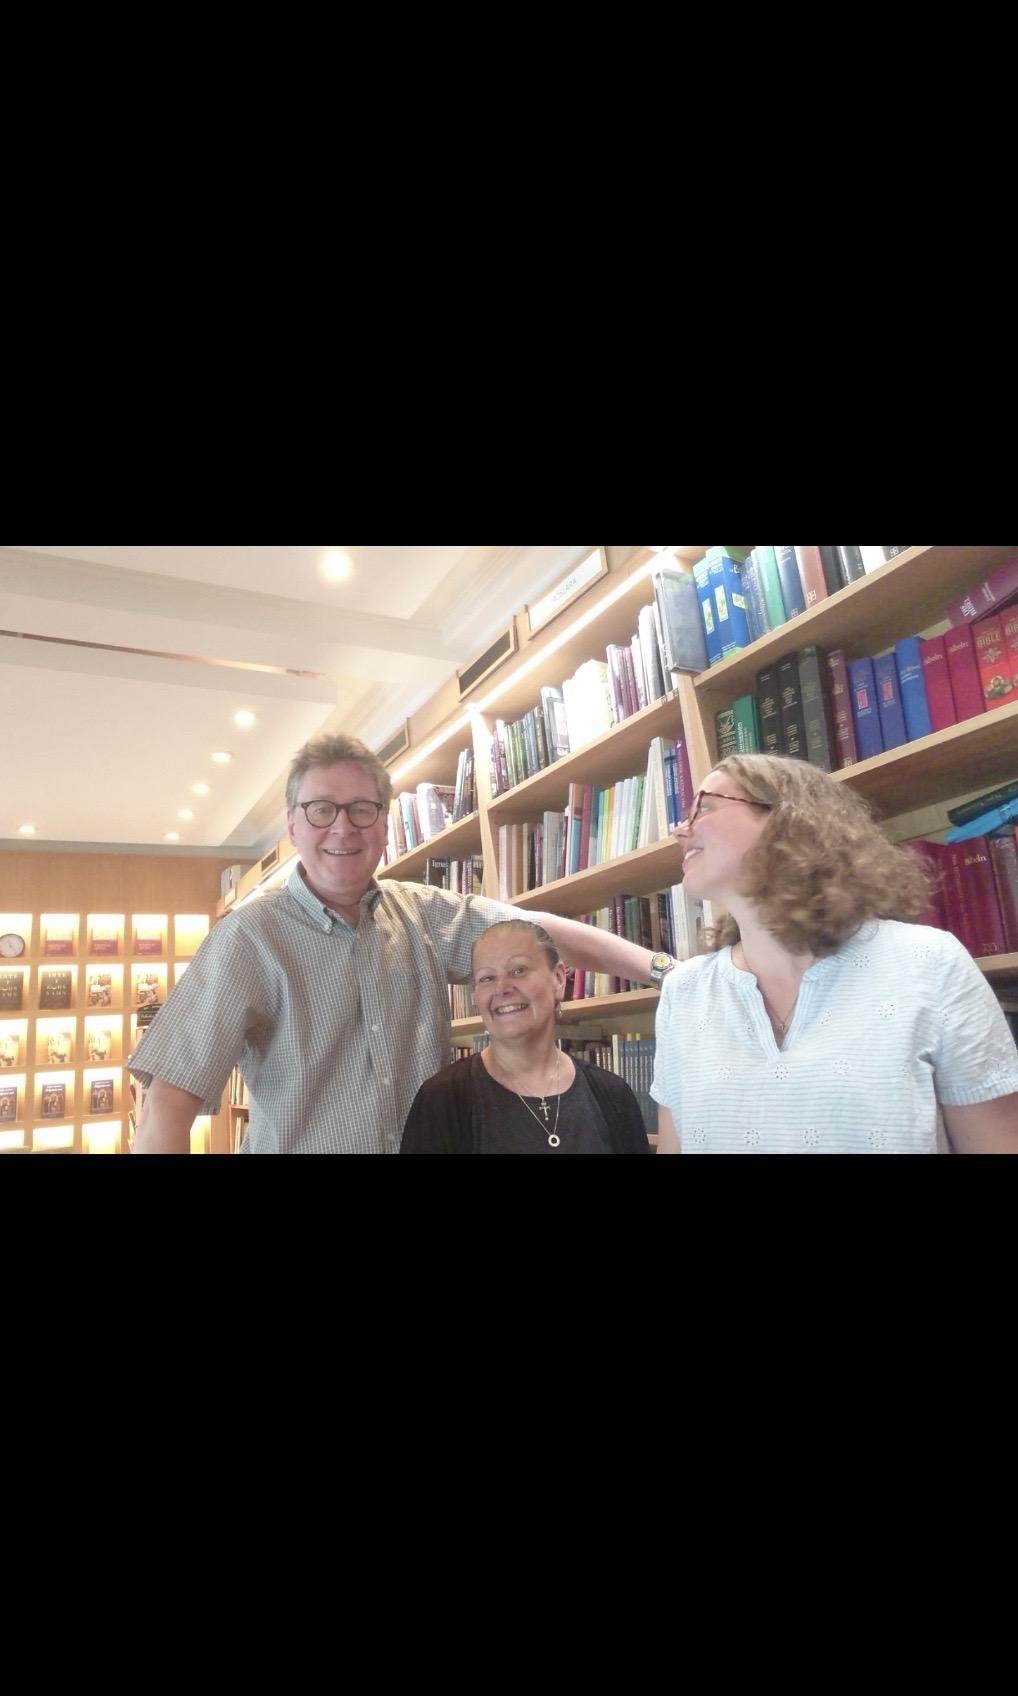 das Team des Buchladens: Peter und Helene mit Catalina